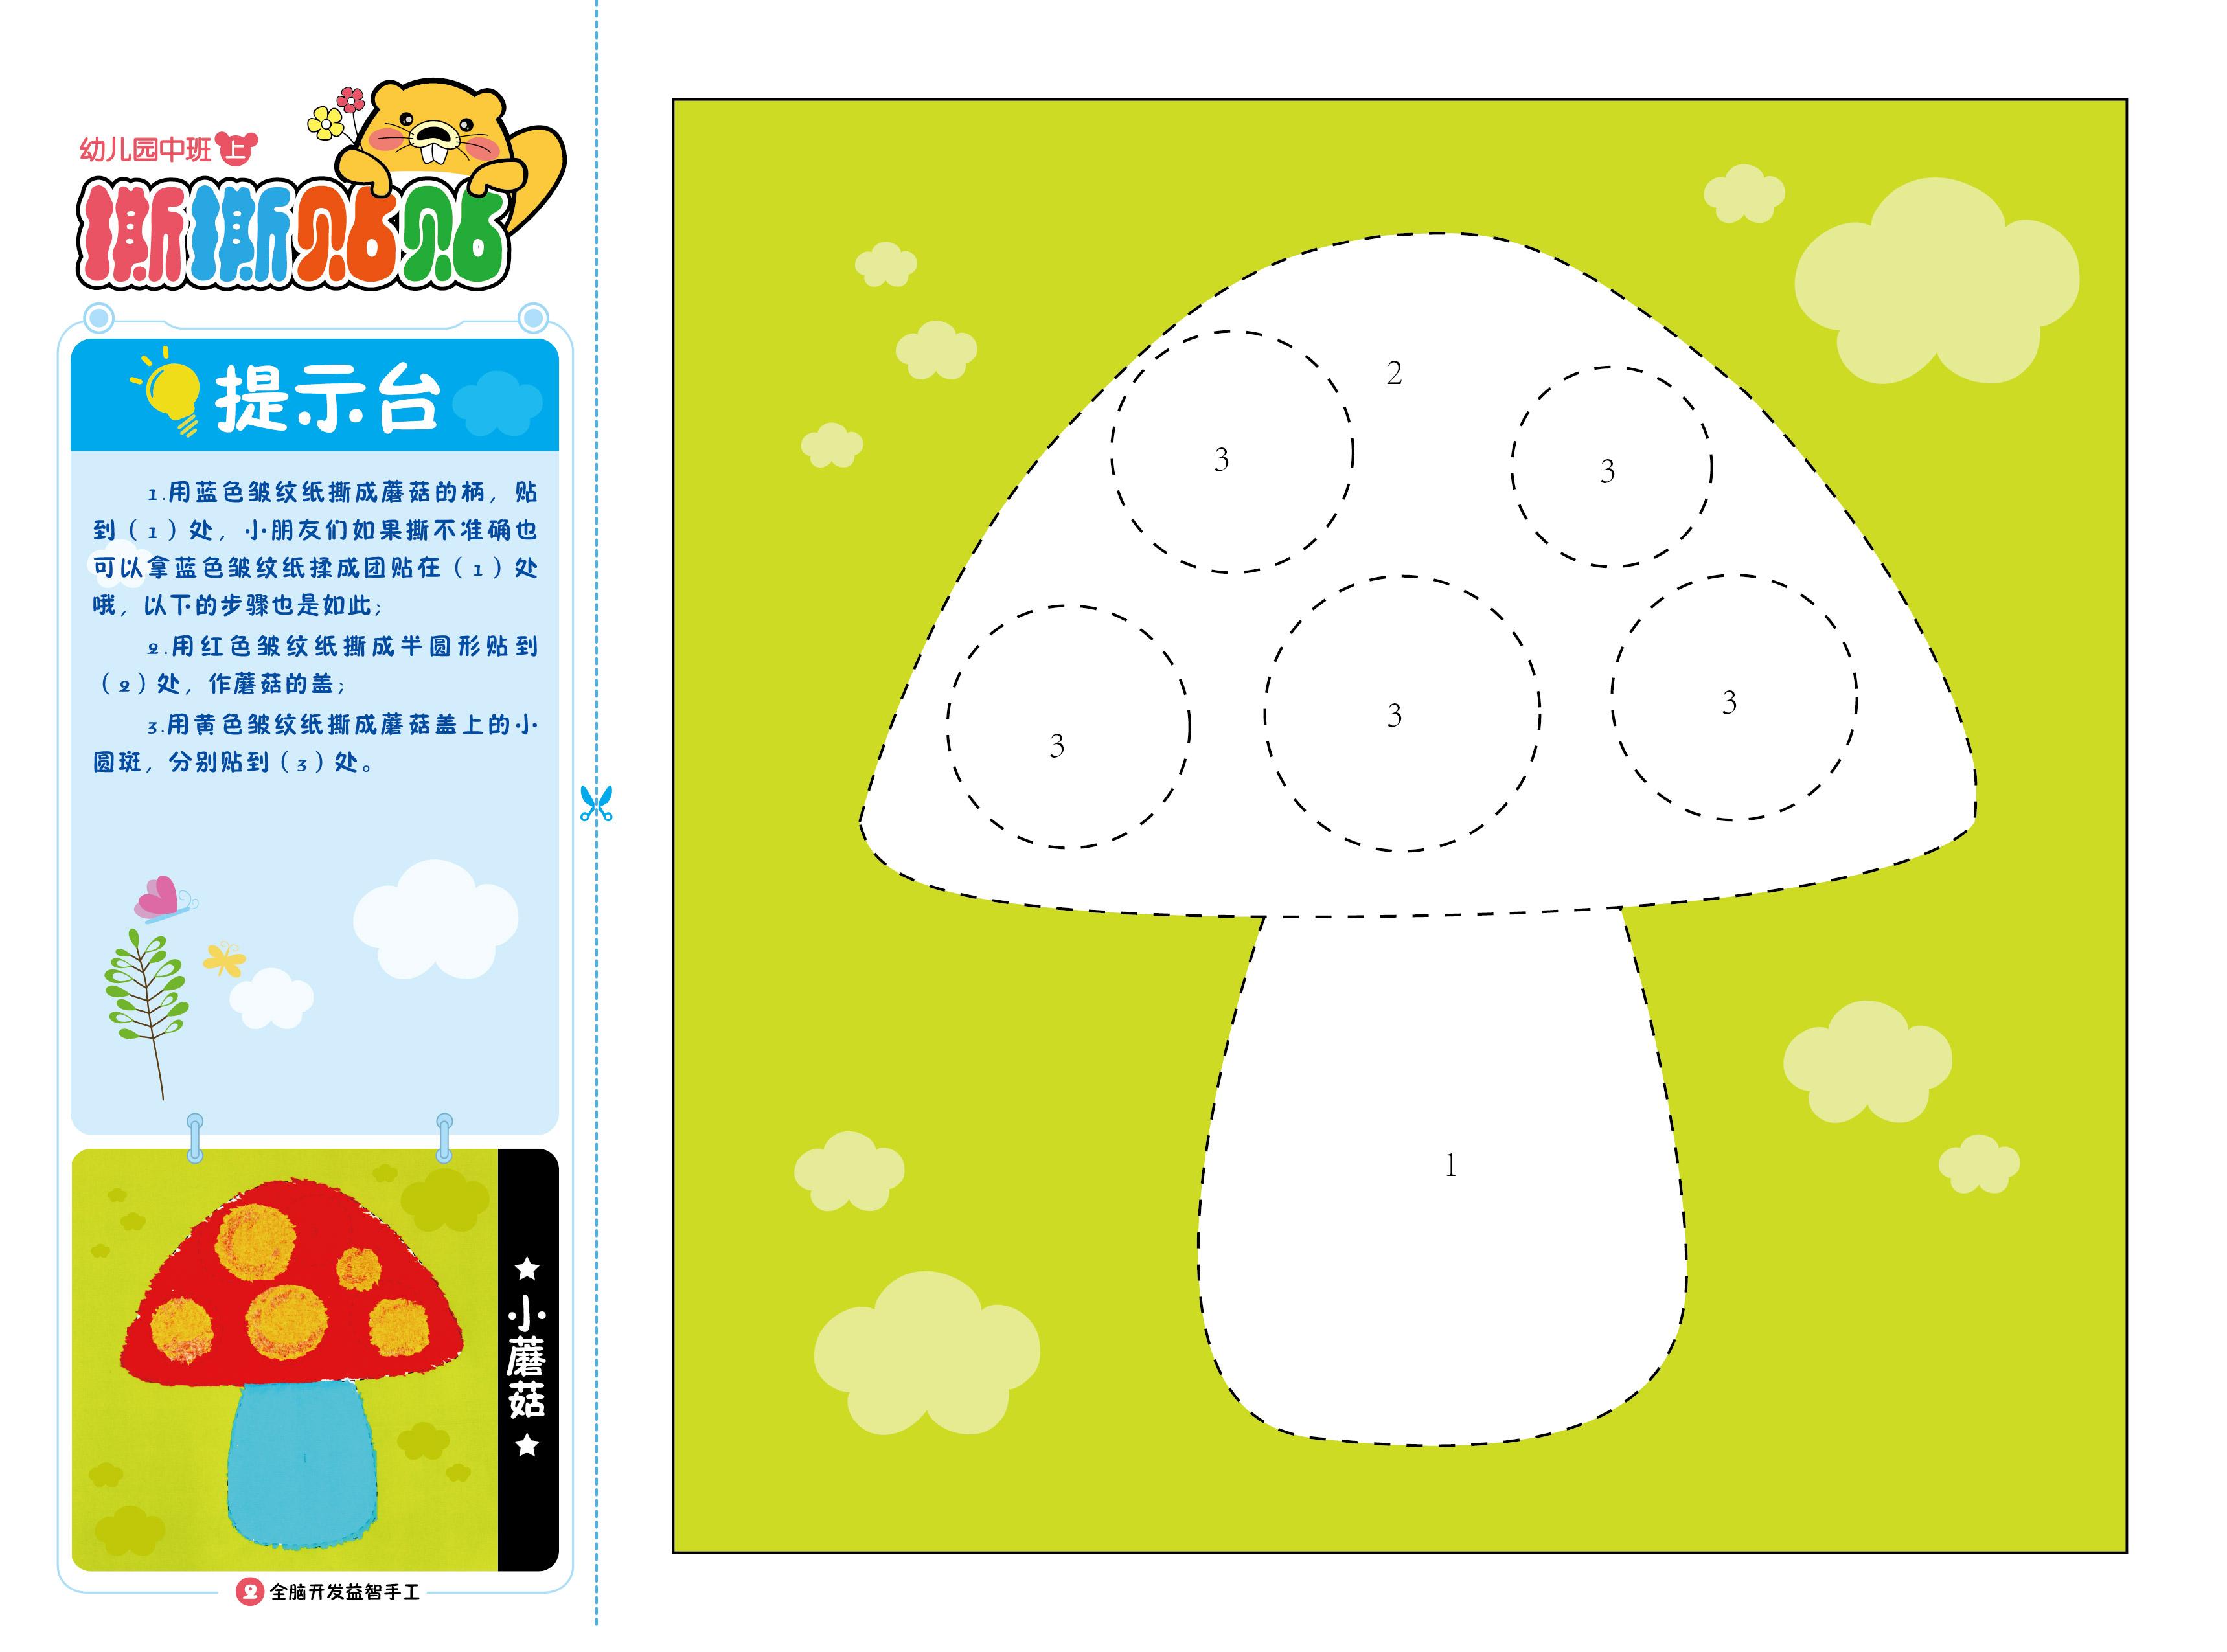 幼儿园中班. 上册/风凌(编者):图书